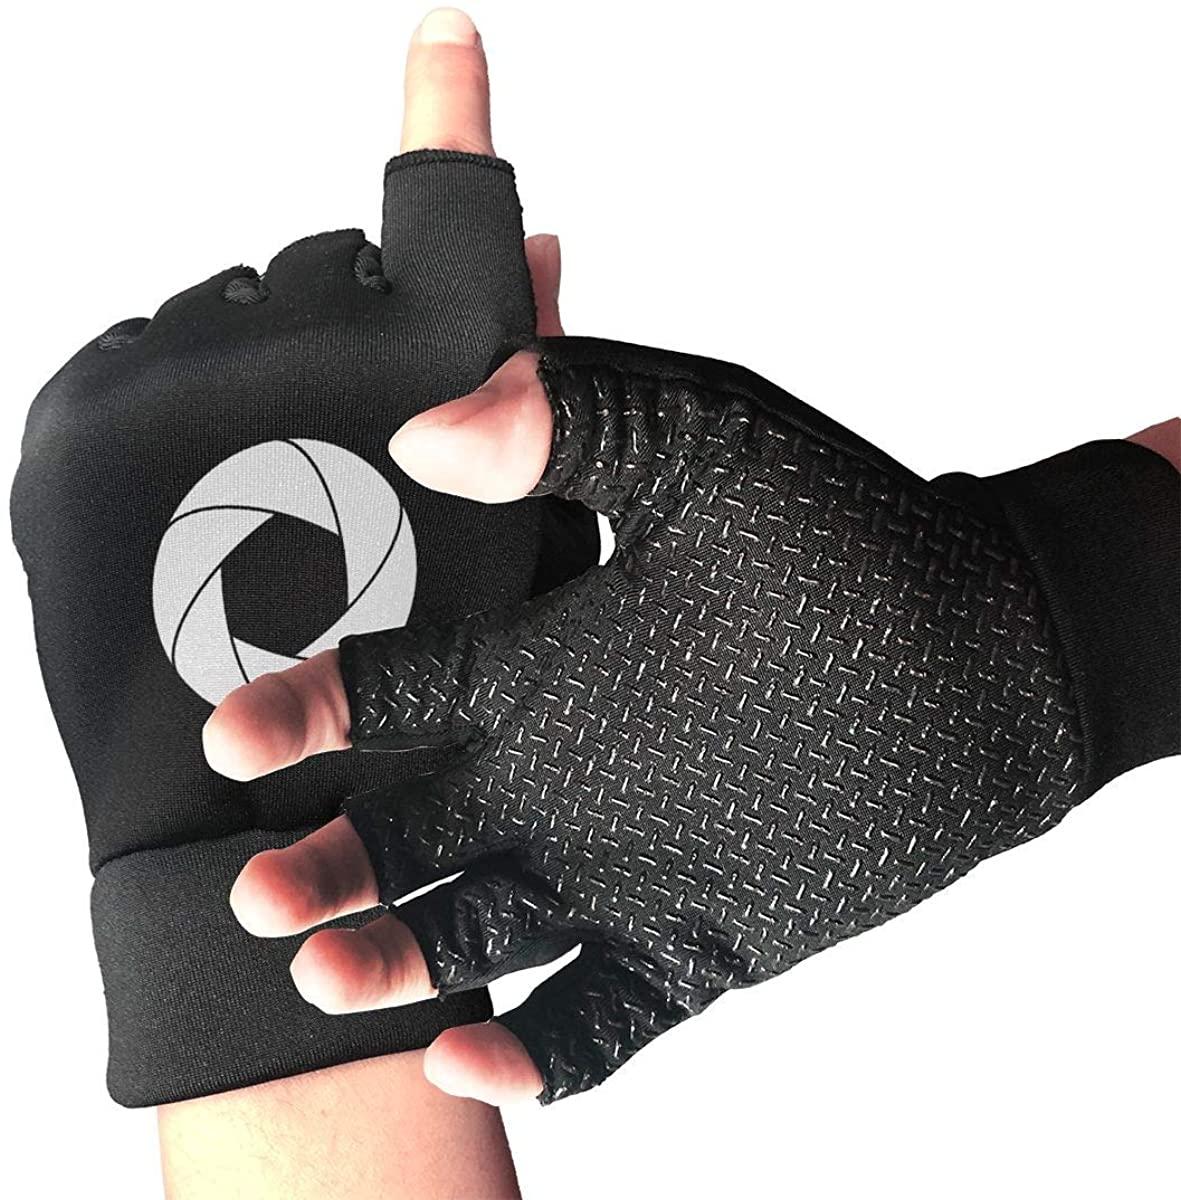 Camera Aperture Shutter Photography Half Finger Fingerless Short No-Slip Cycling Gloves Mitten For Bike Skate